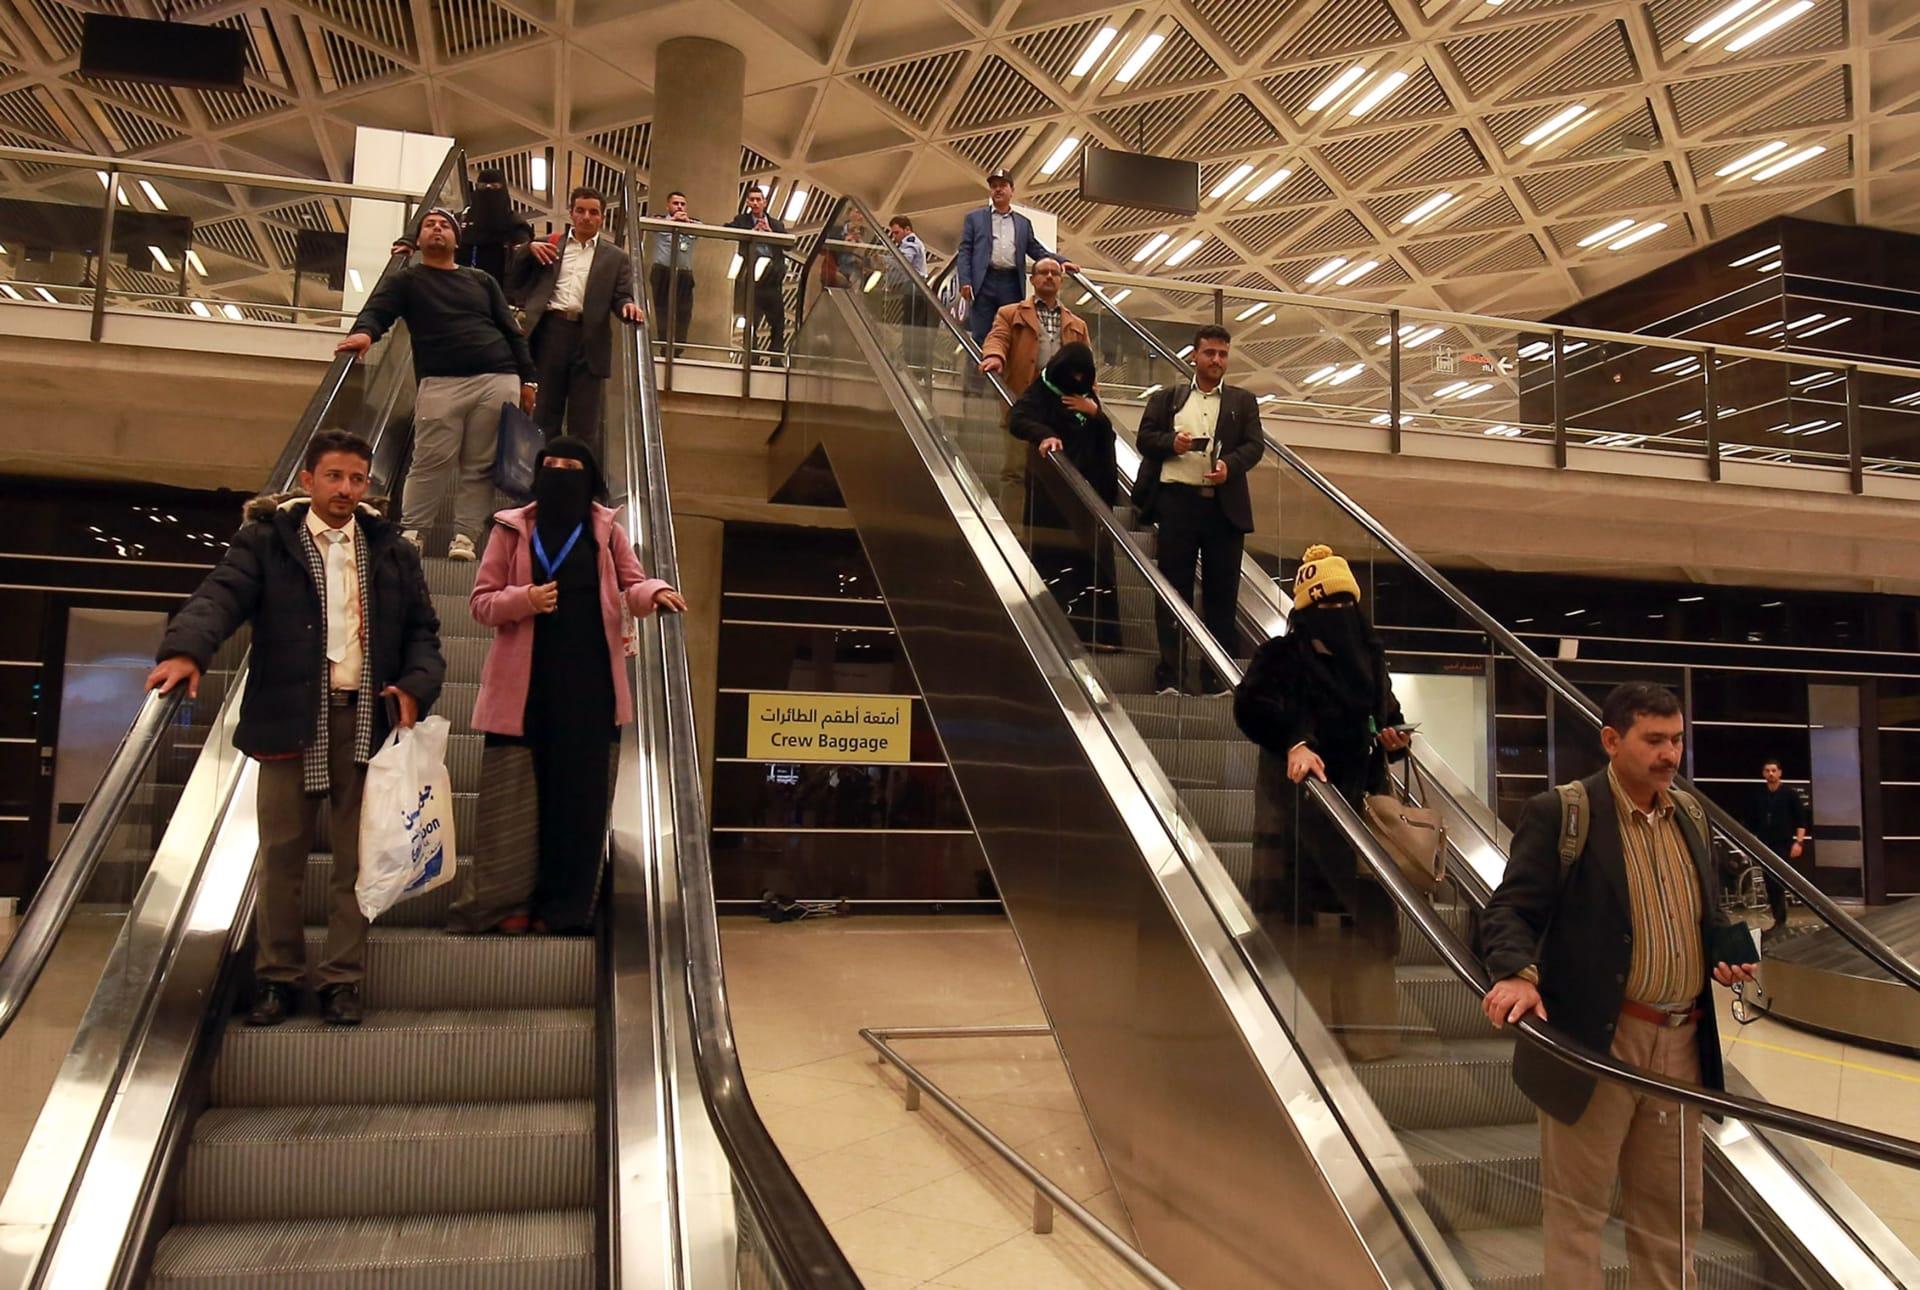 الأردن يعلن فتح المطارات التدريجي في النصف الأول من أغسطس.. فما الدول الخضراء؟